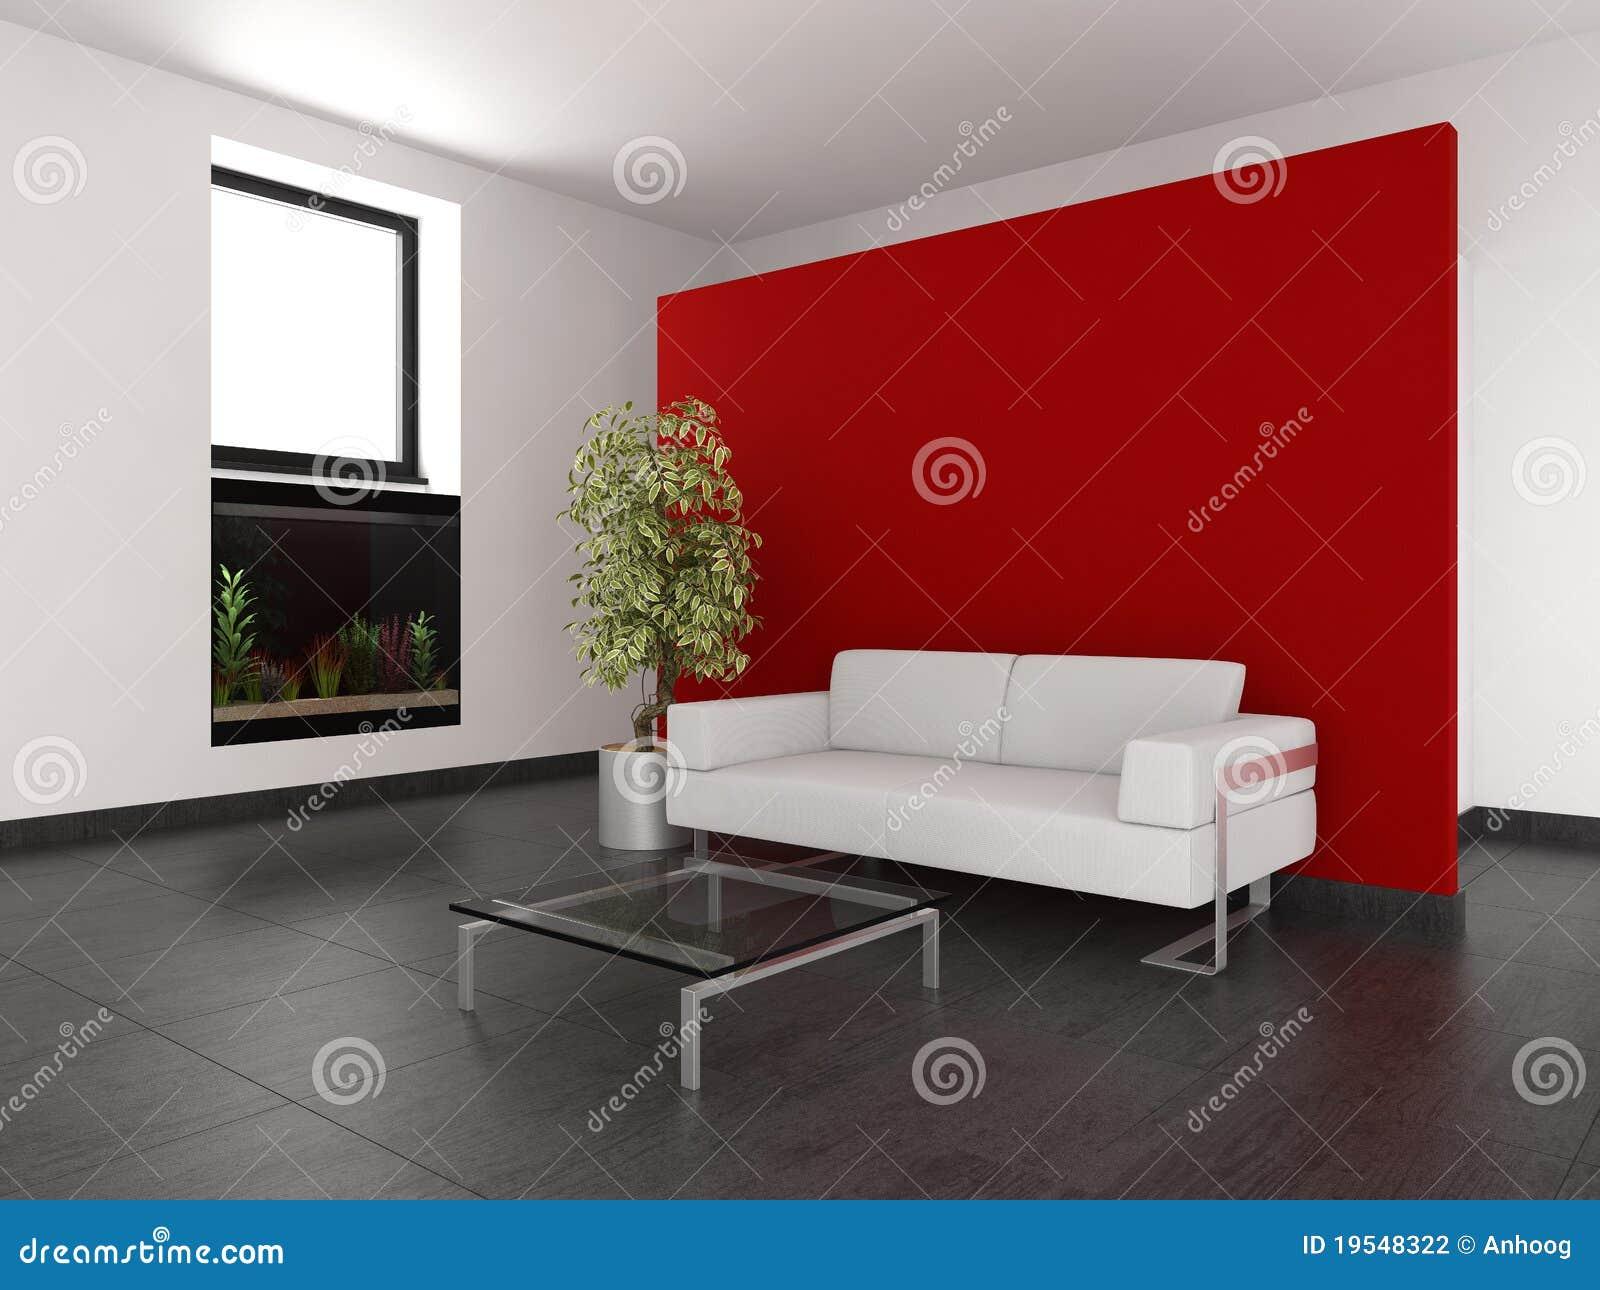 Schon Modernes Wohnzimmer Mit Roter Wand Und Aquarium